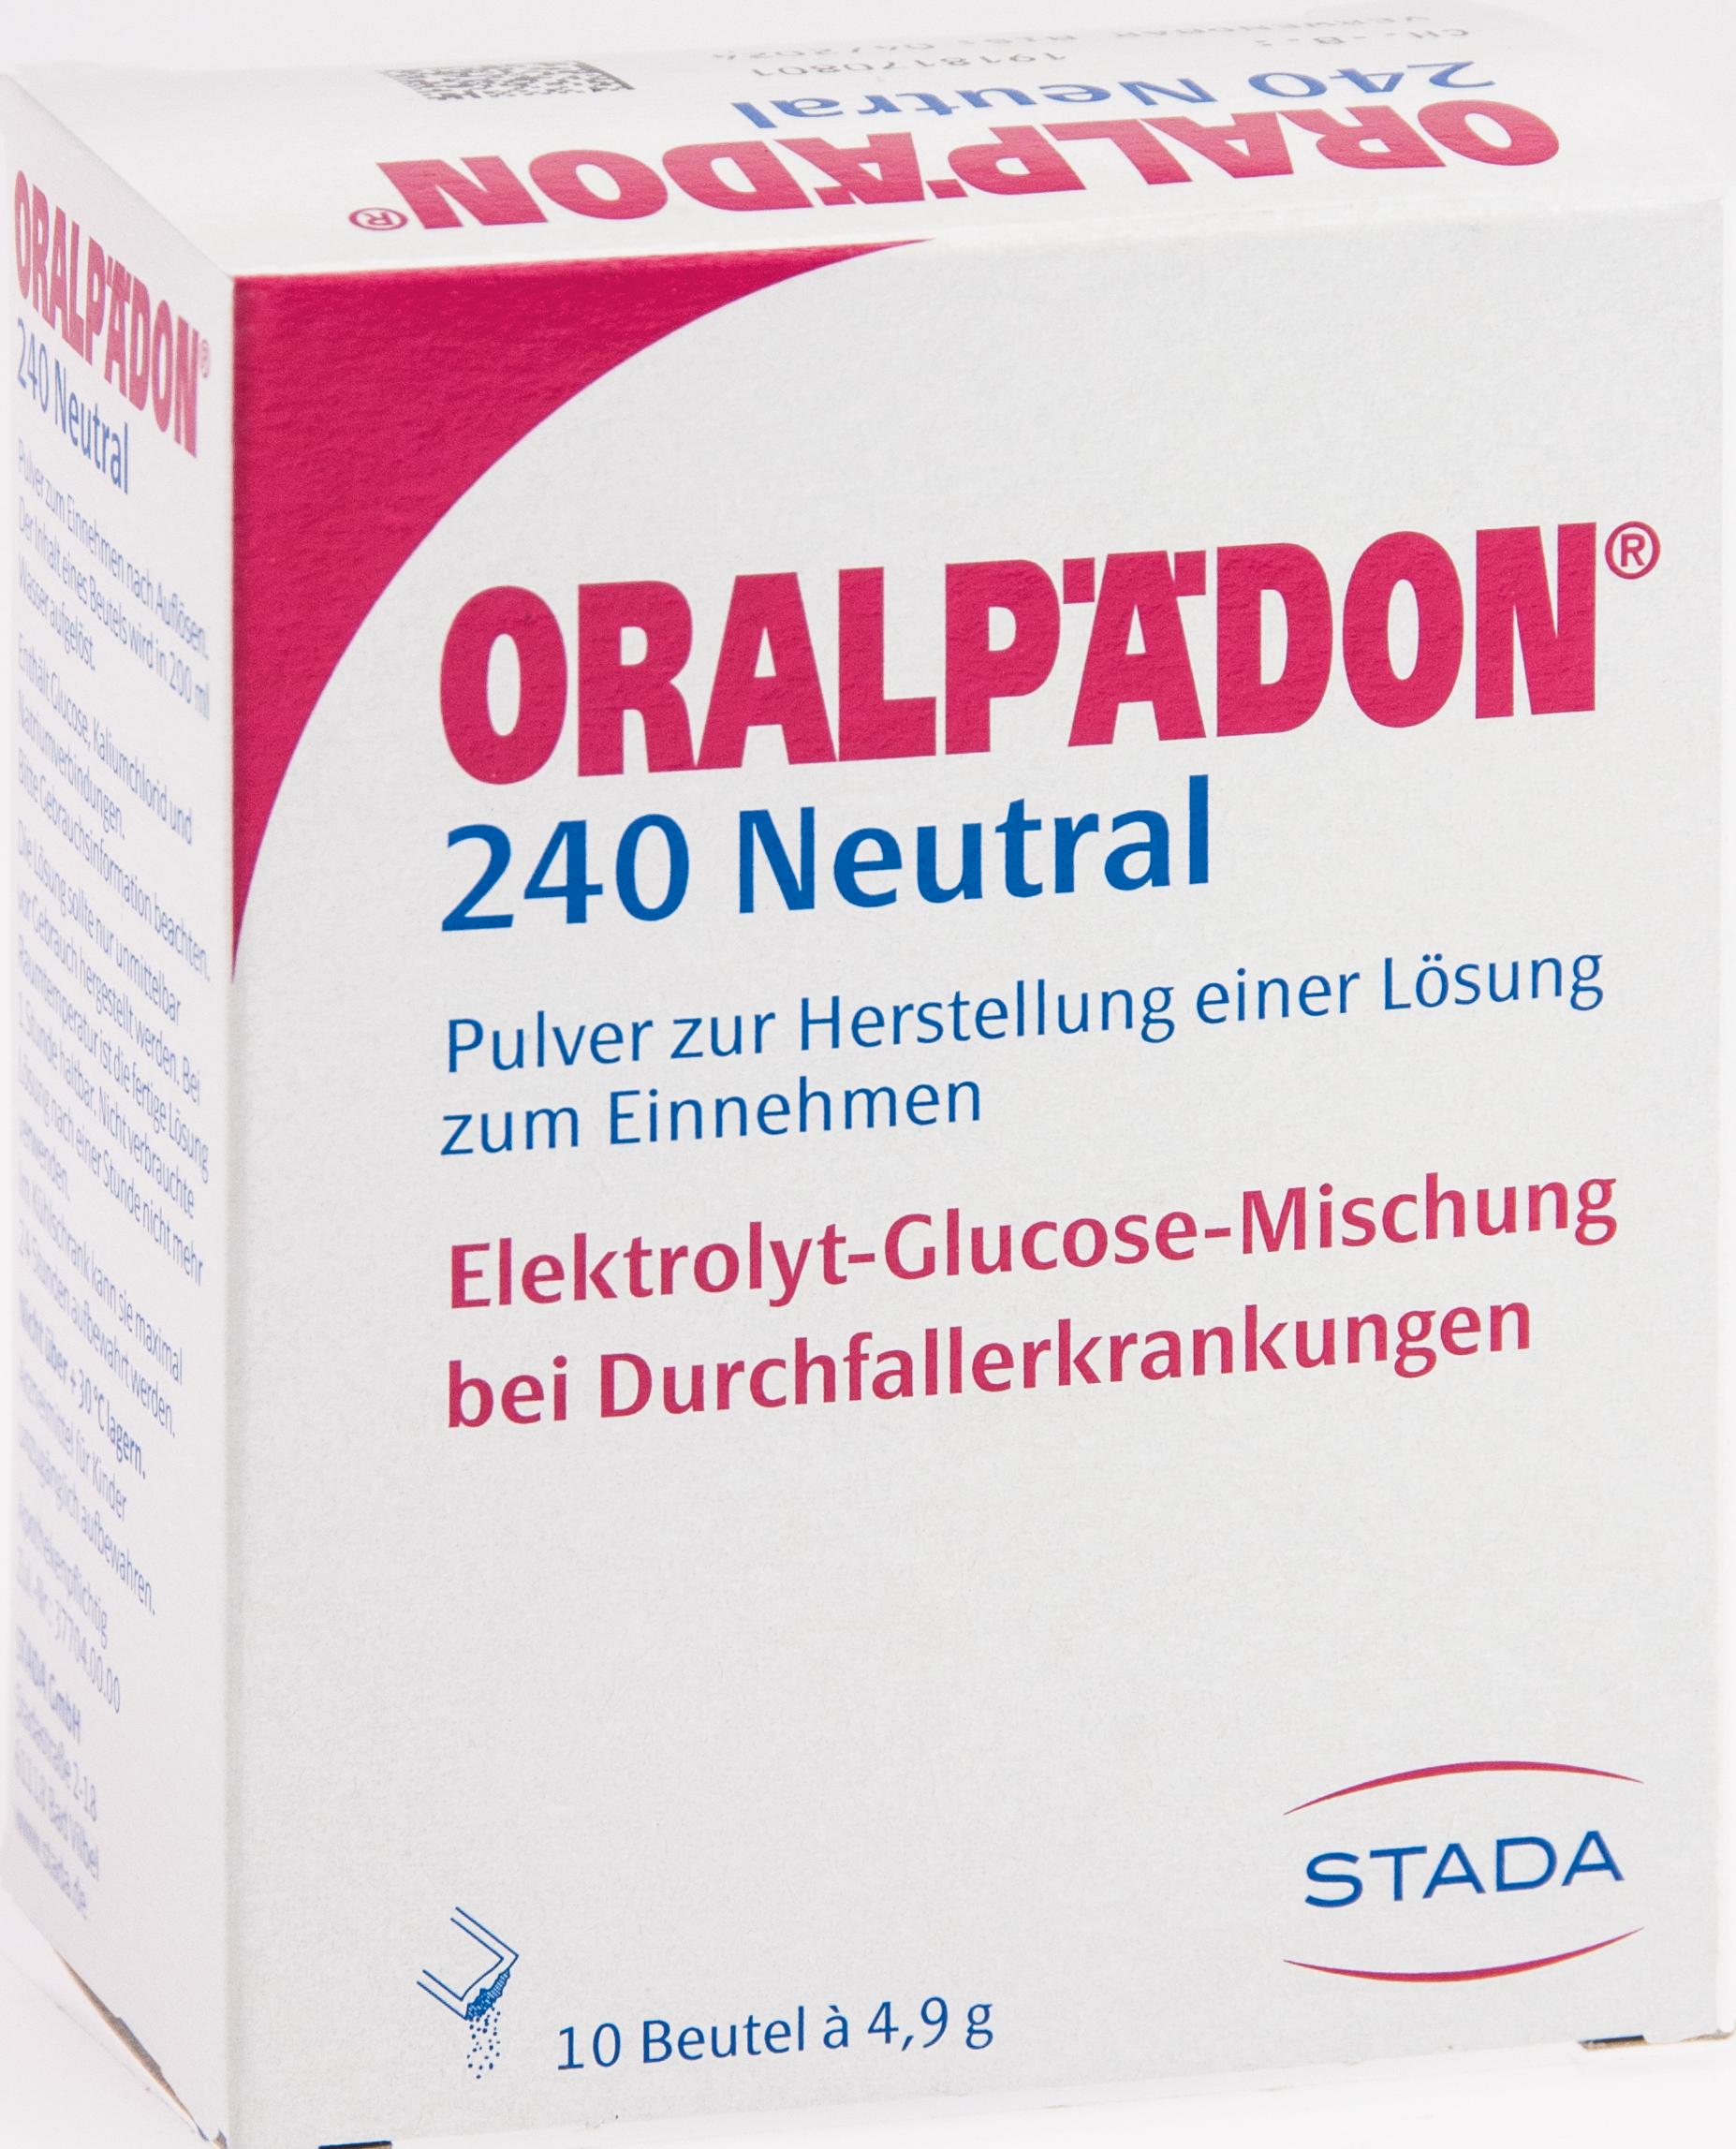 ORALPAEDON 240 NEUTRAL BTL